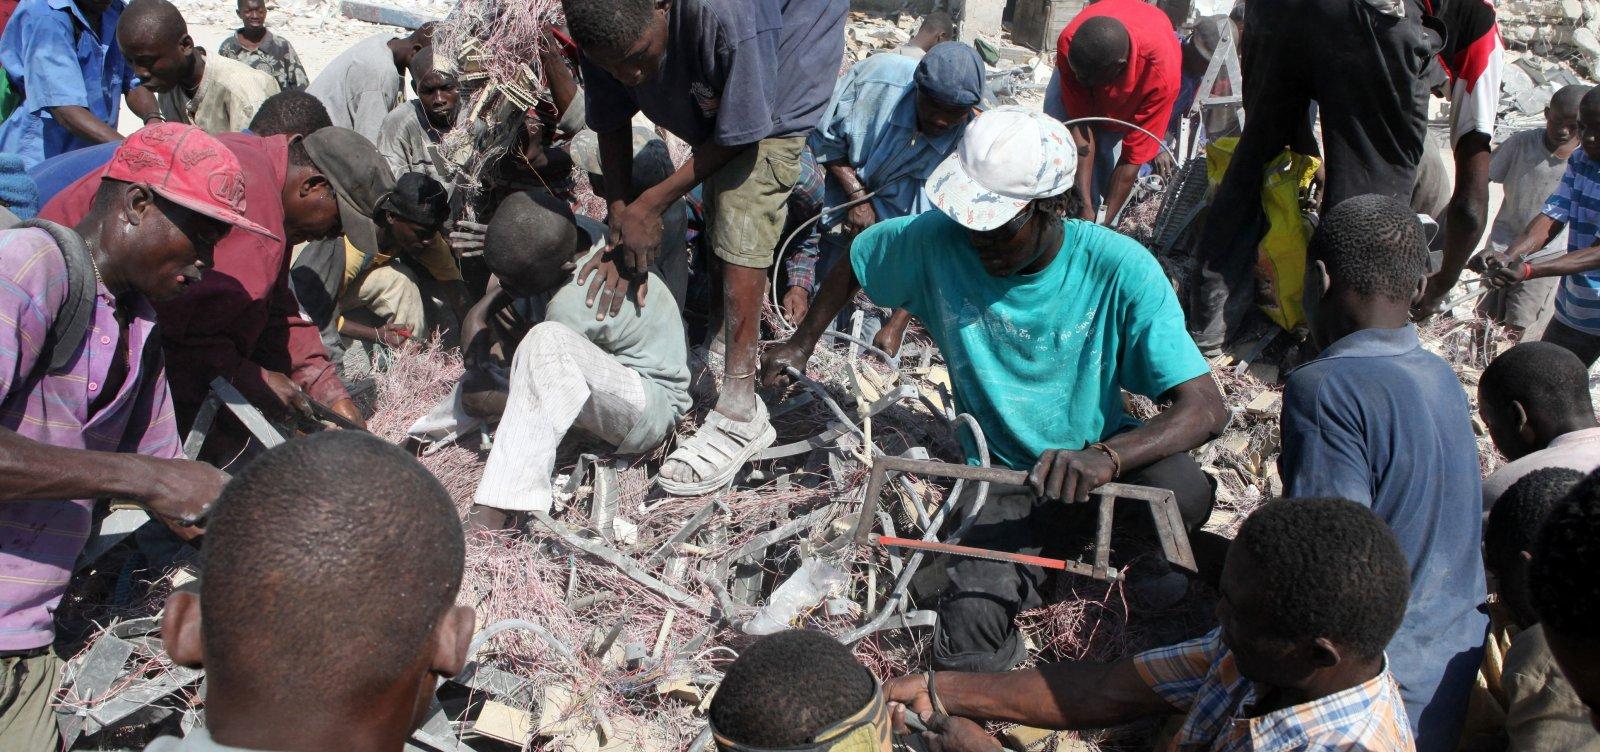 [Terremoto atinge noroeste do Haiti e deixa ao menos 14 mortos]